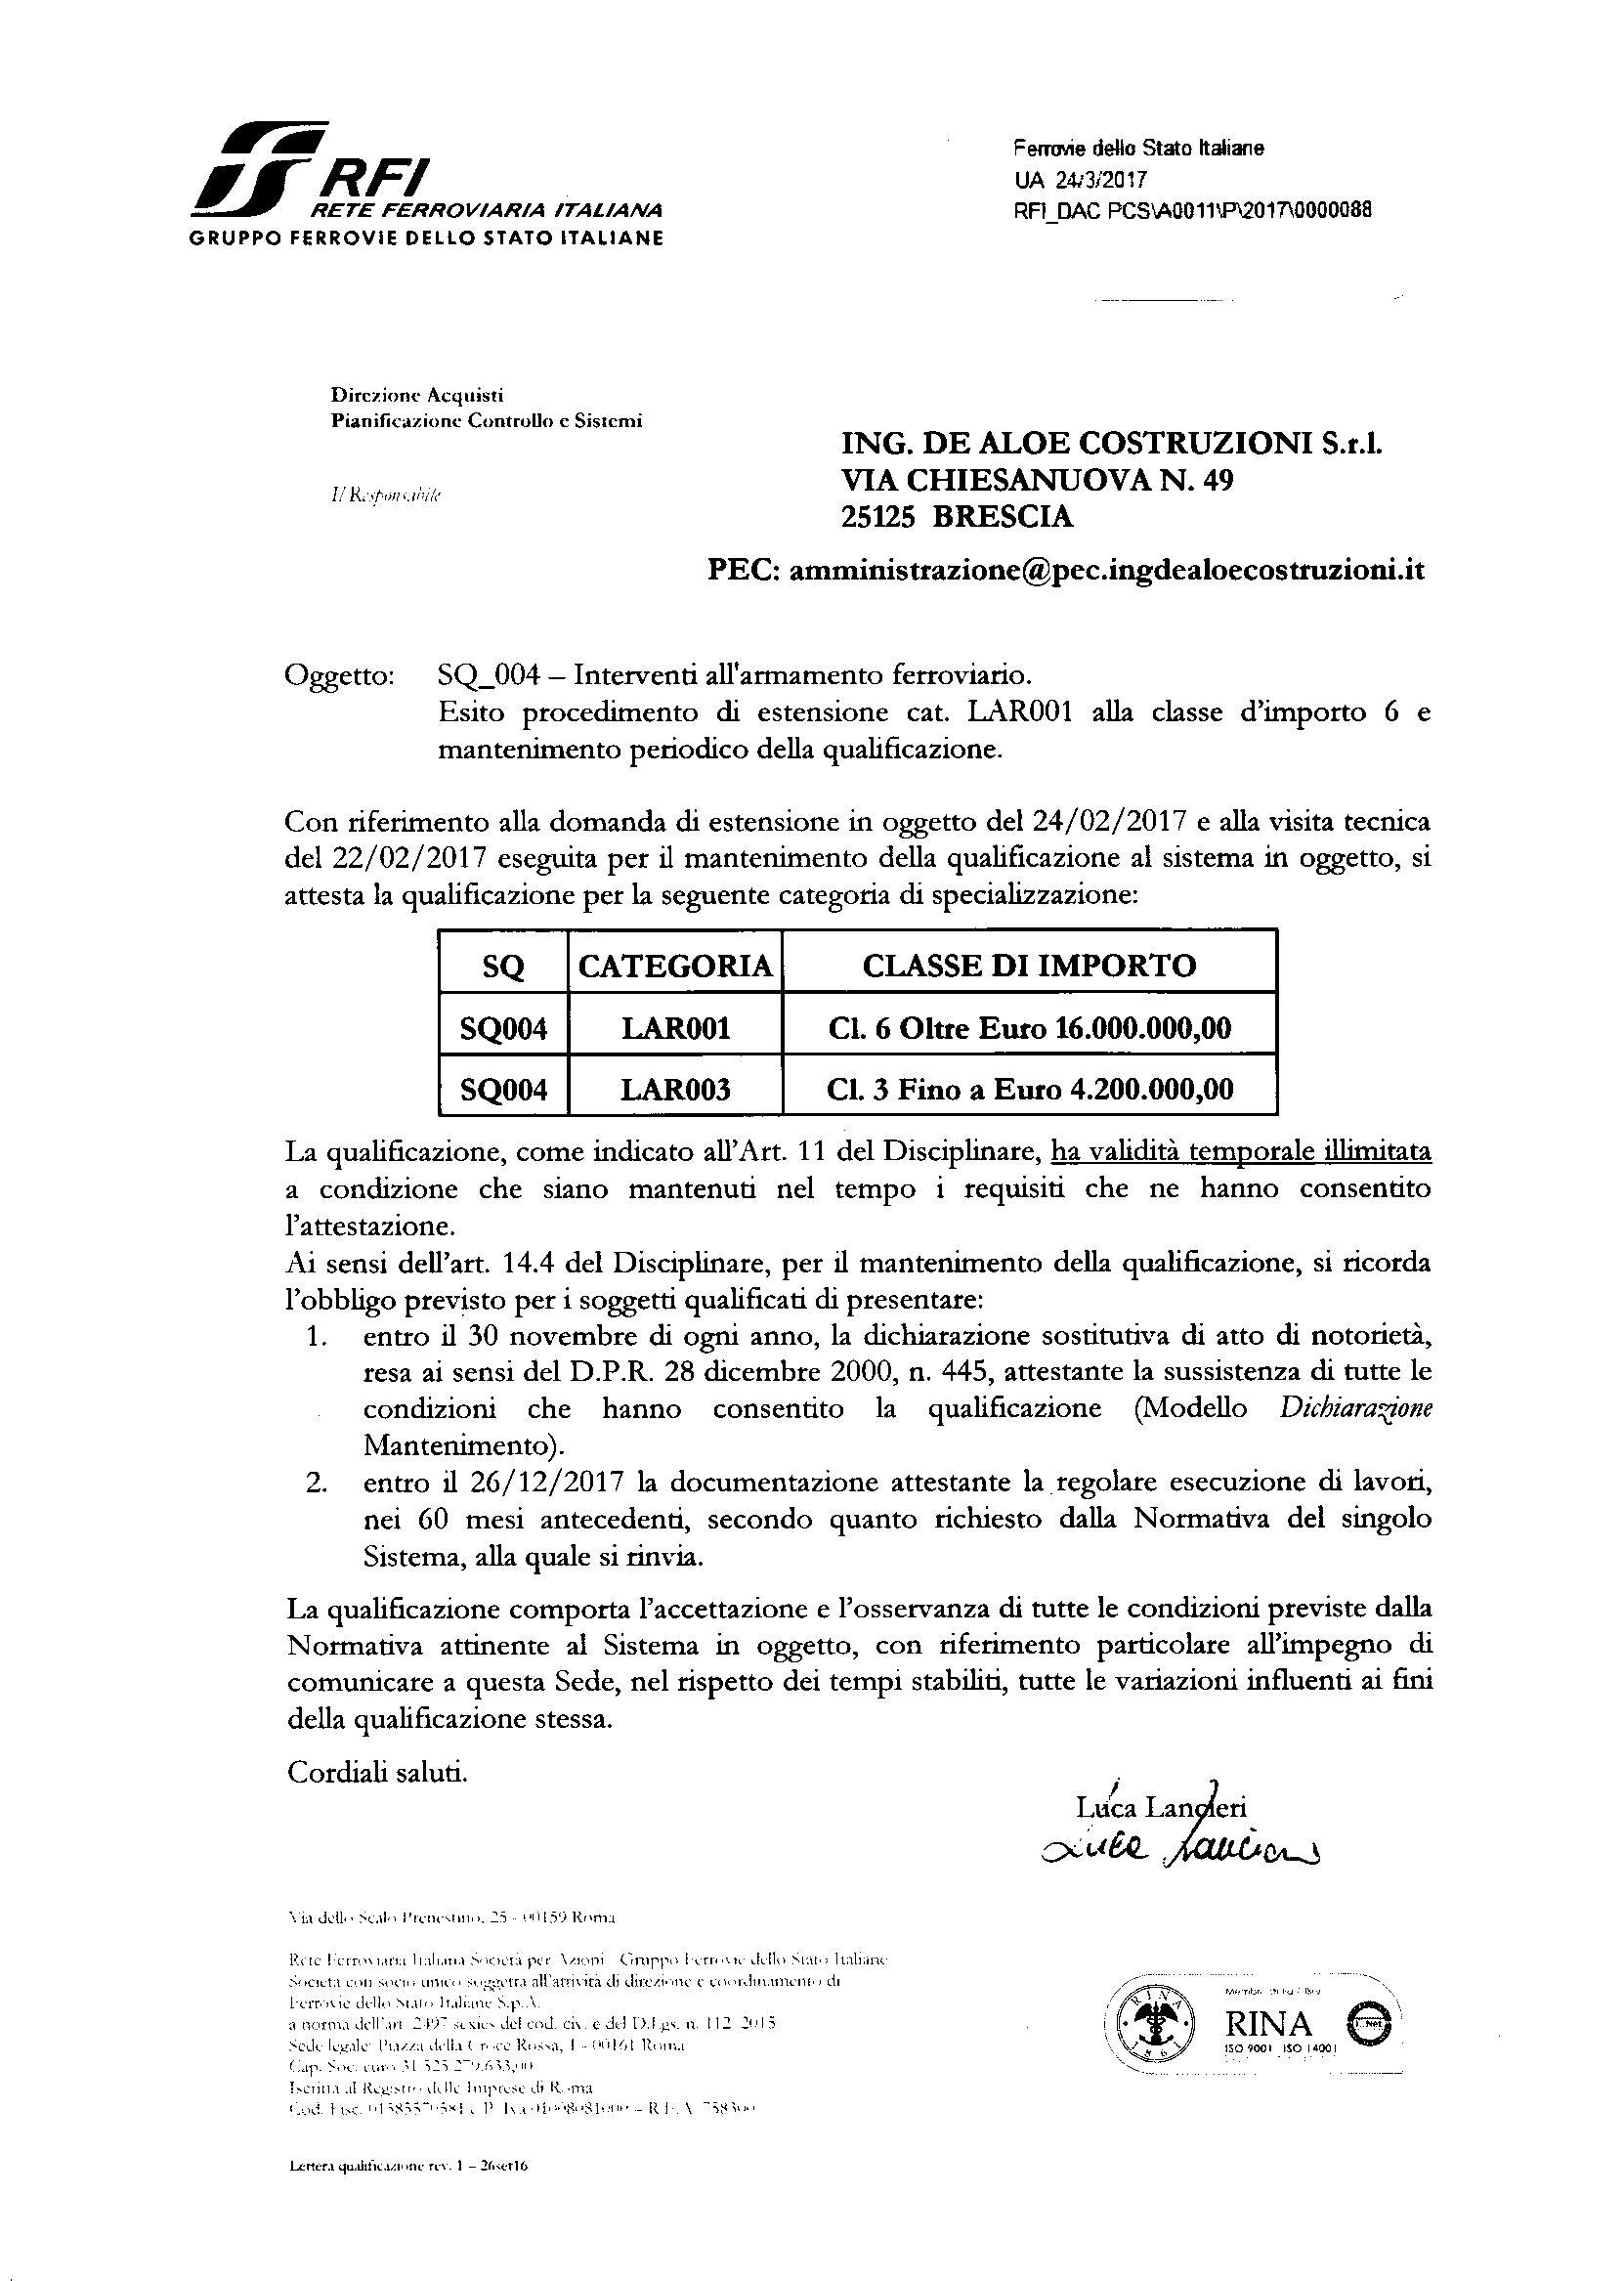 Certificazione RFI